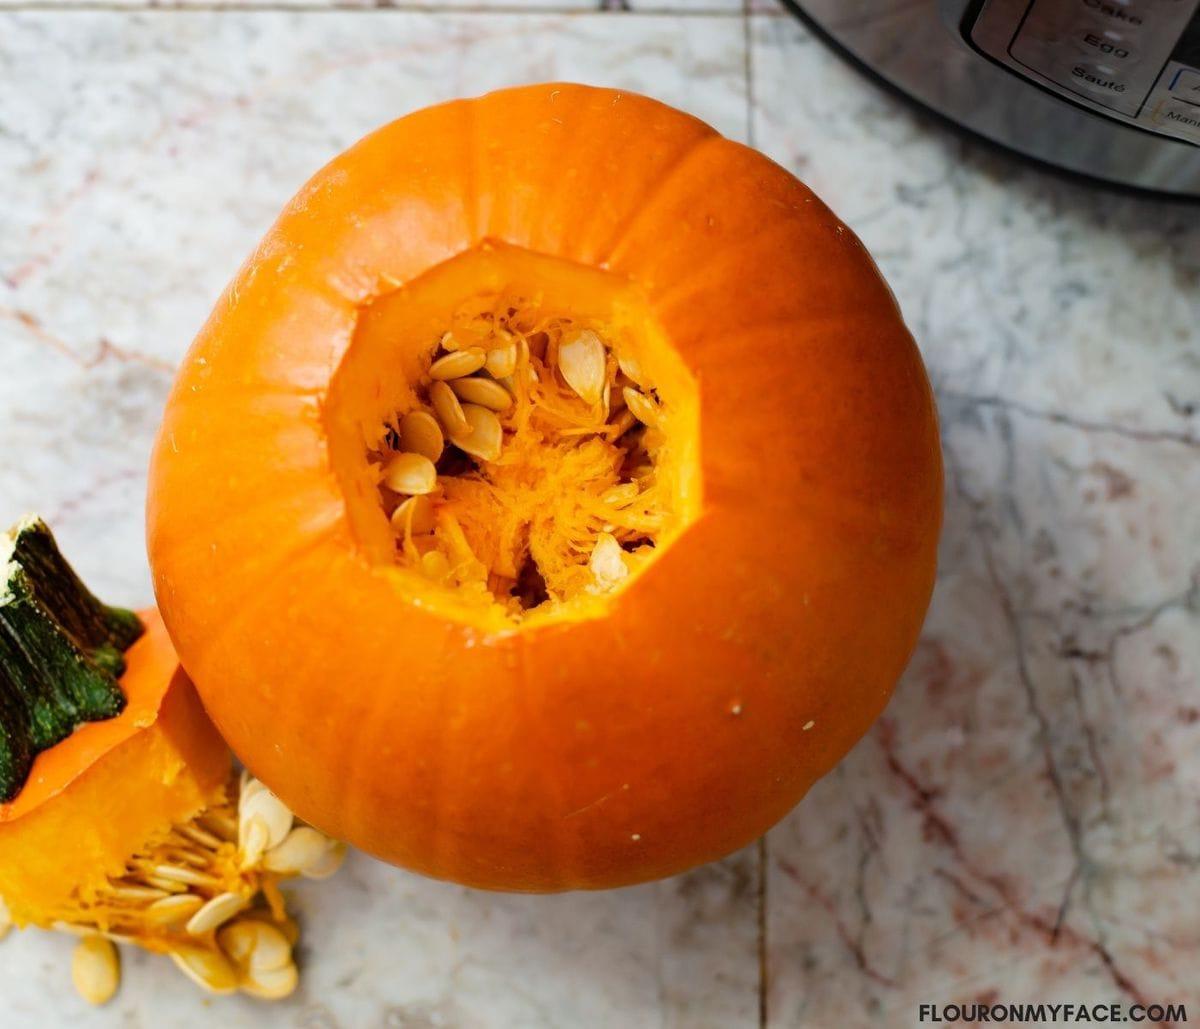 How to clean a pie pumpkin.